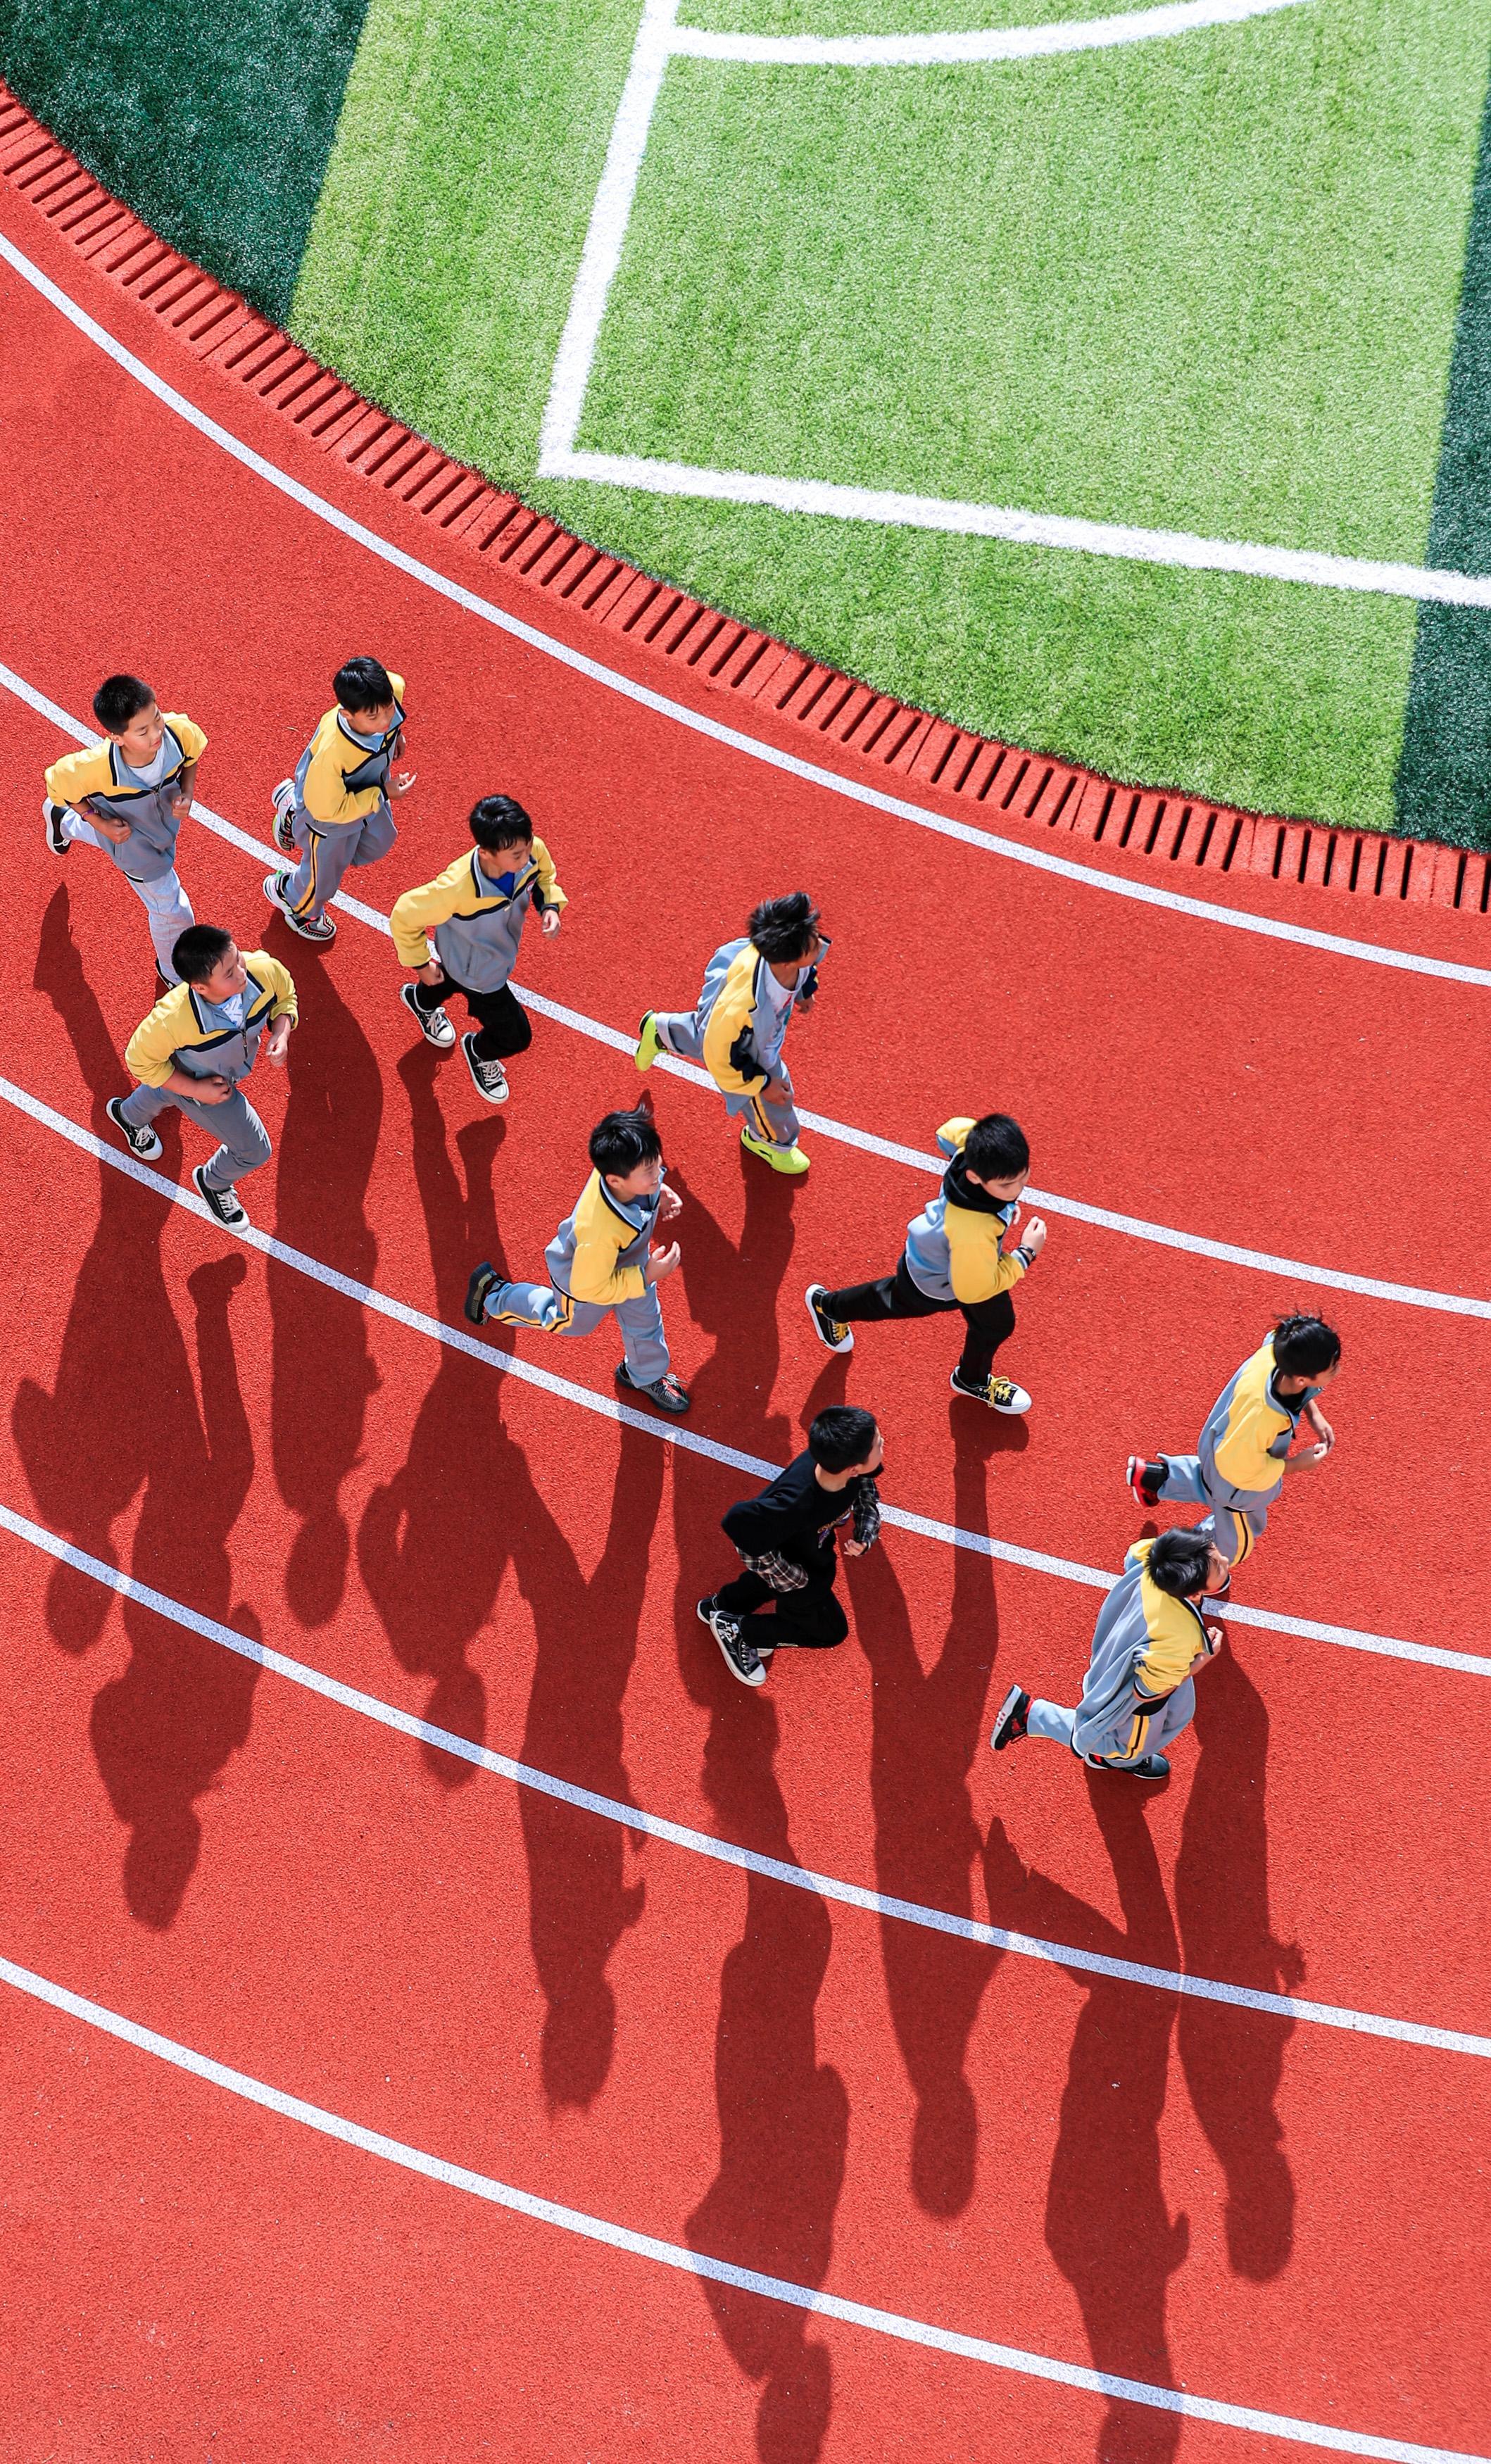 河南省栾川县狮子庙镇中心小学,学生们在上体育课。本文图片人民视觉 资料图